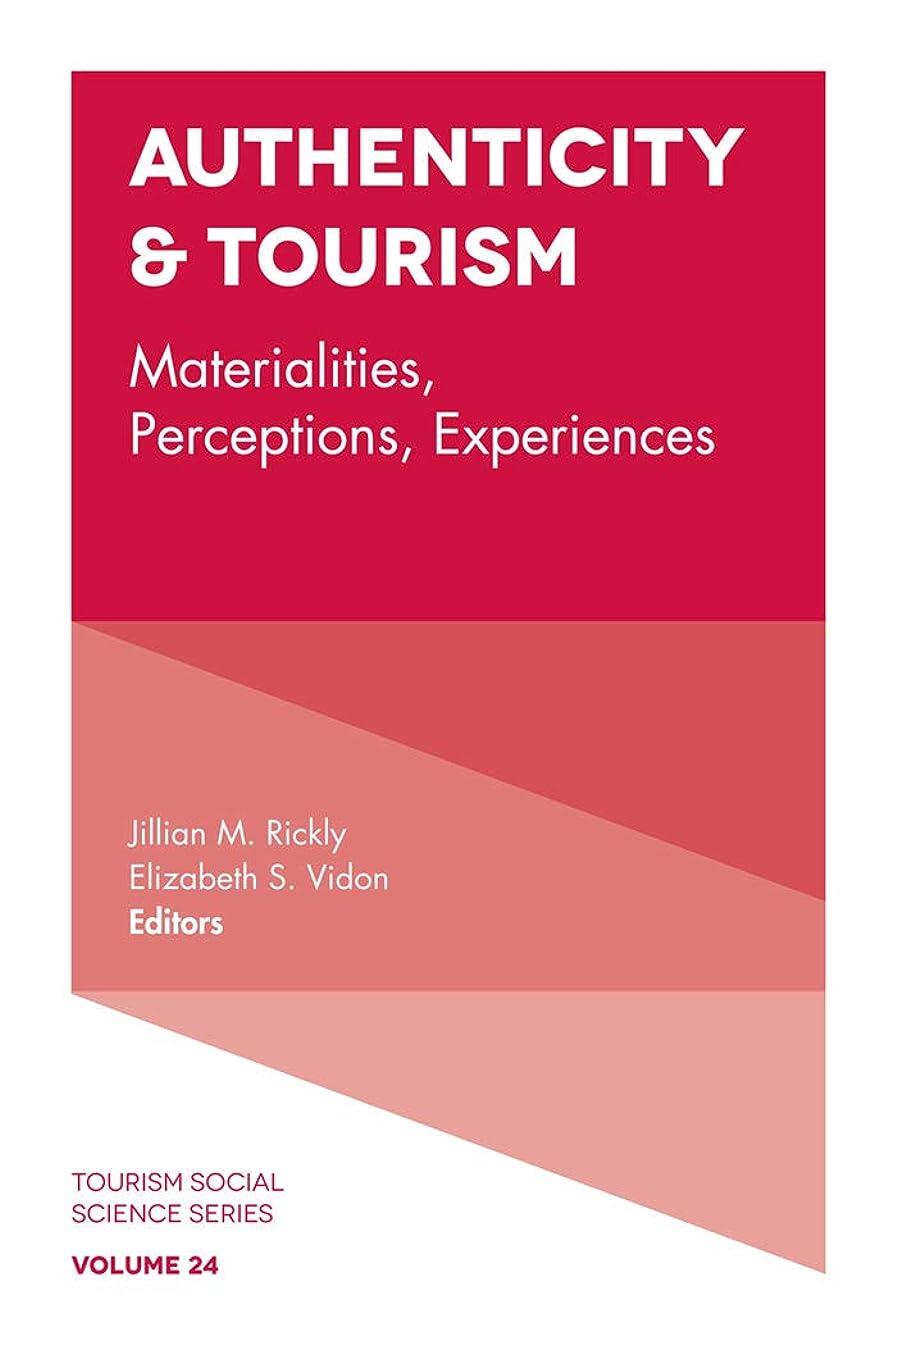 ふりをする教特許Authenticity & Tourism: Materialities, Perceptions, Experiences (Tourism Social Science Series Book 24) (English Edition)